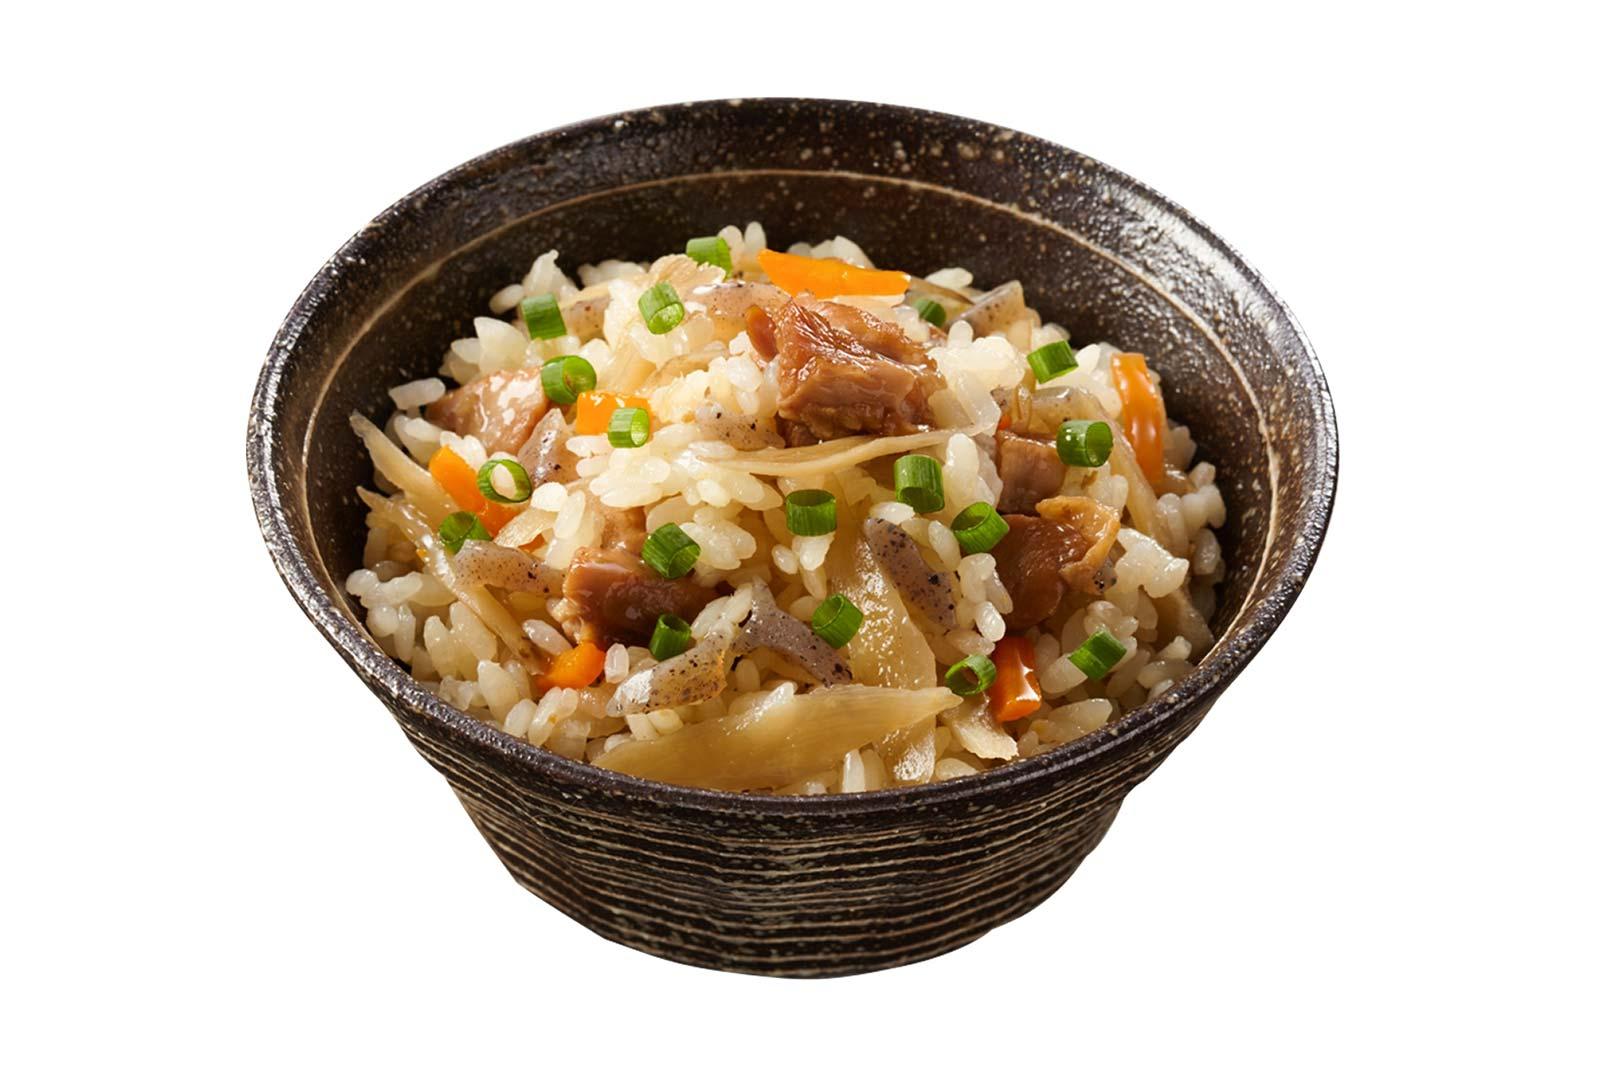 博多炊き込みご飯の素 鶏ごぼう